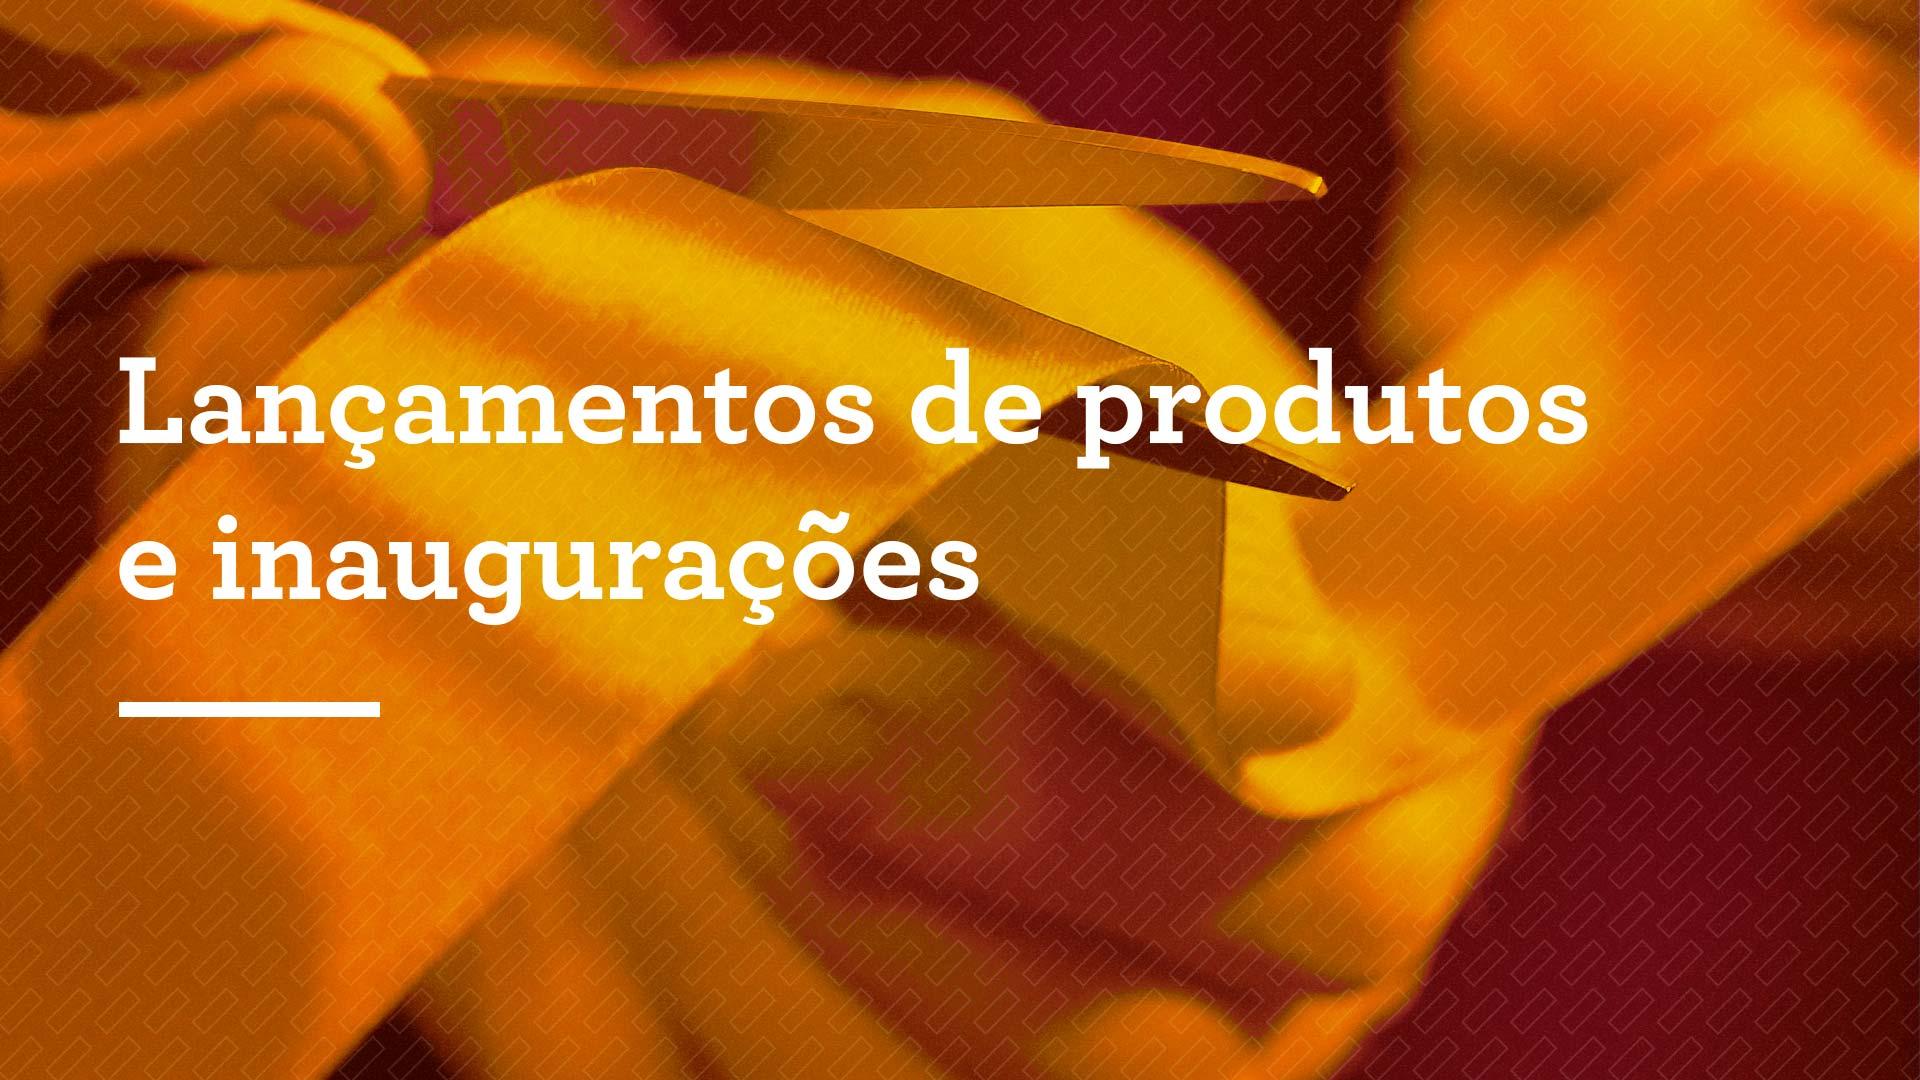 Lançamentos de produtos e inaugurações